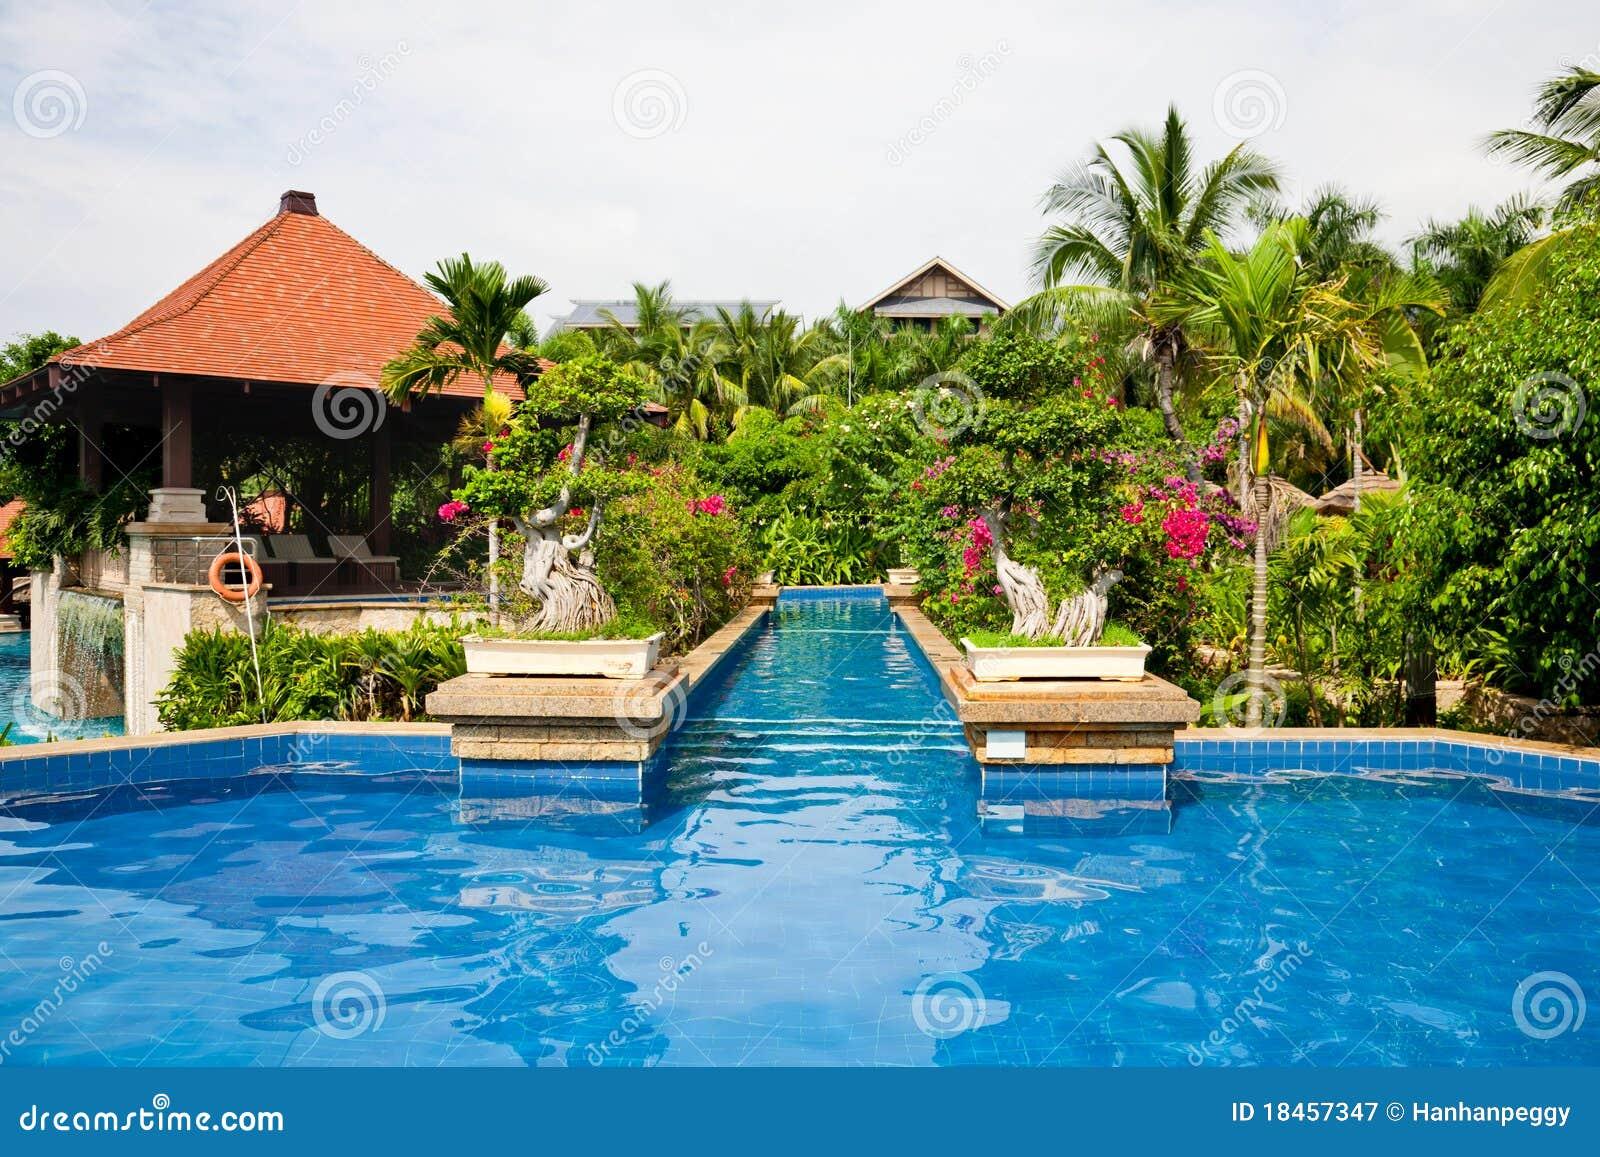 Zwembad in tropische tuin royalty vrije stock fotografie afbeelding 18457347 - Tuin decoratie buitenkant ...